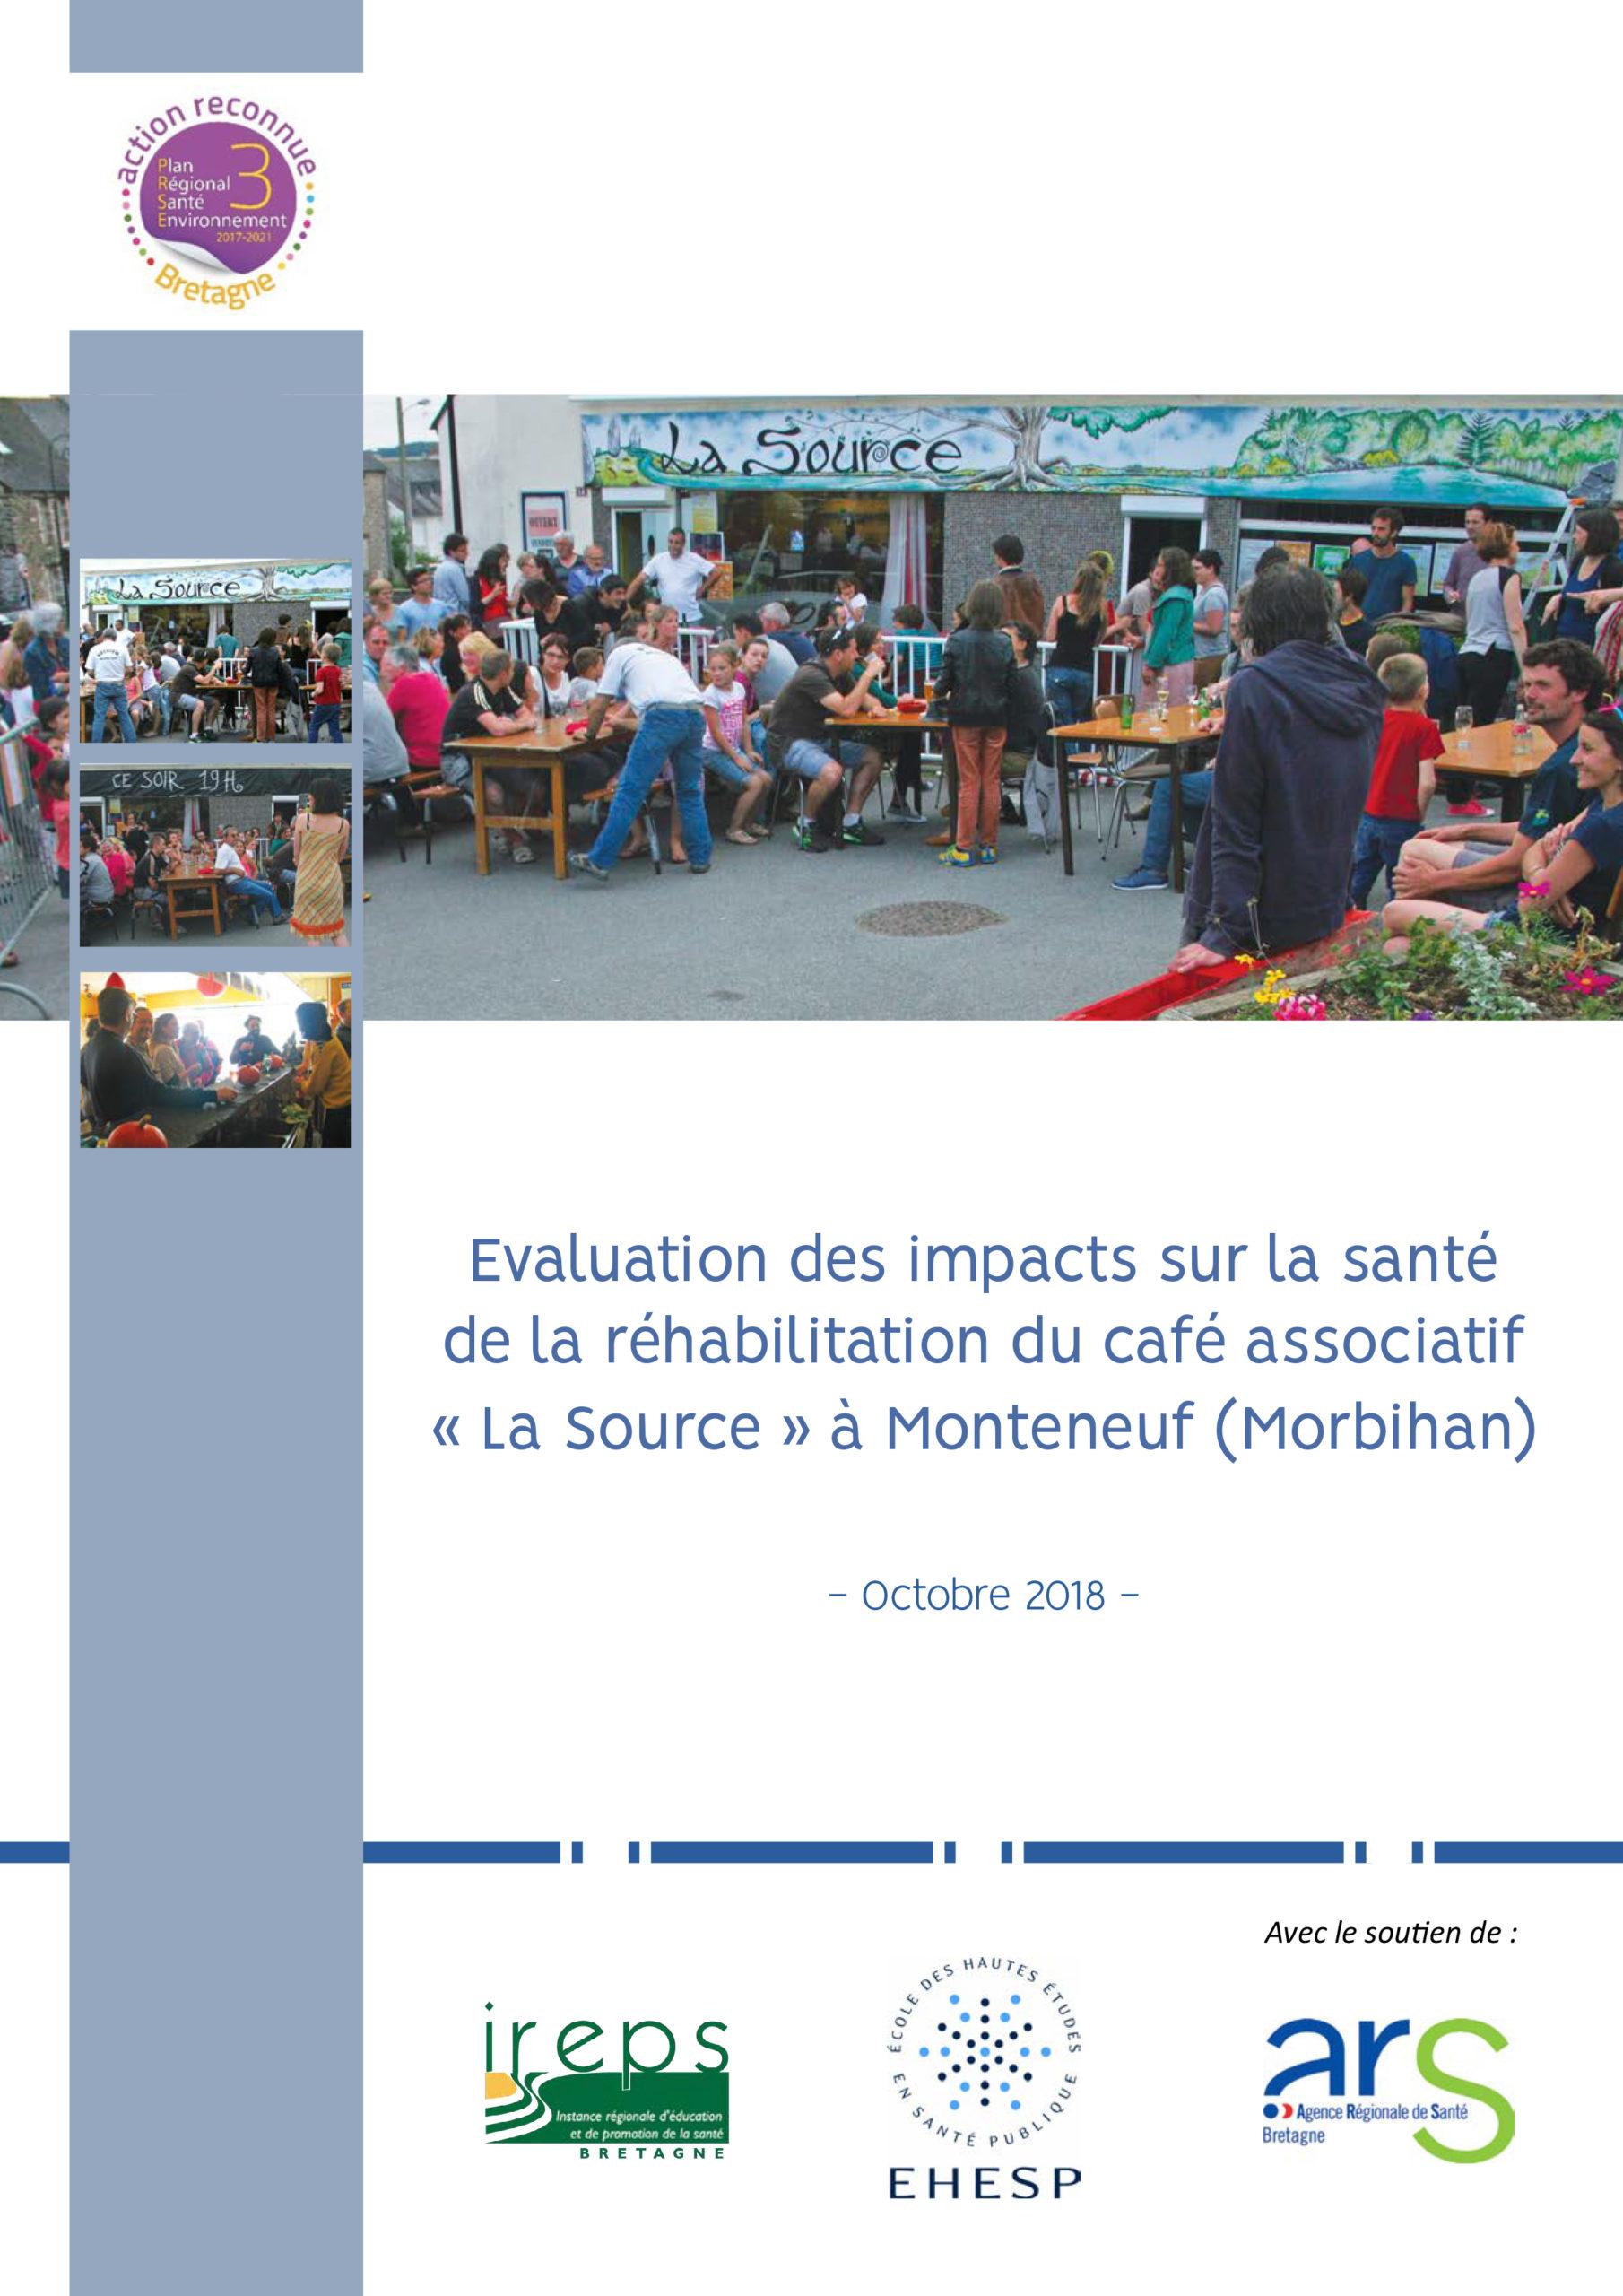 Évaluation d'impacts sur la santé : réhabilitation d'un café associatif à Monteneuf